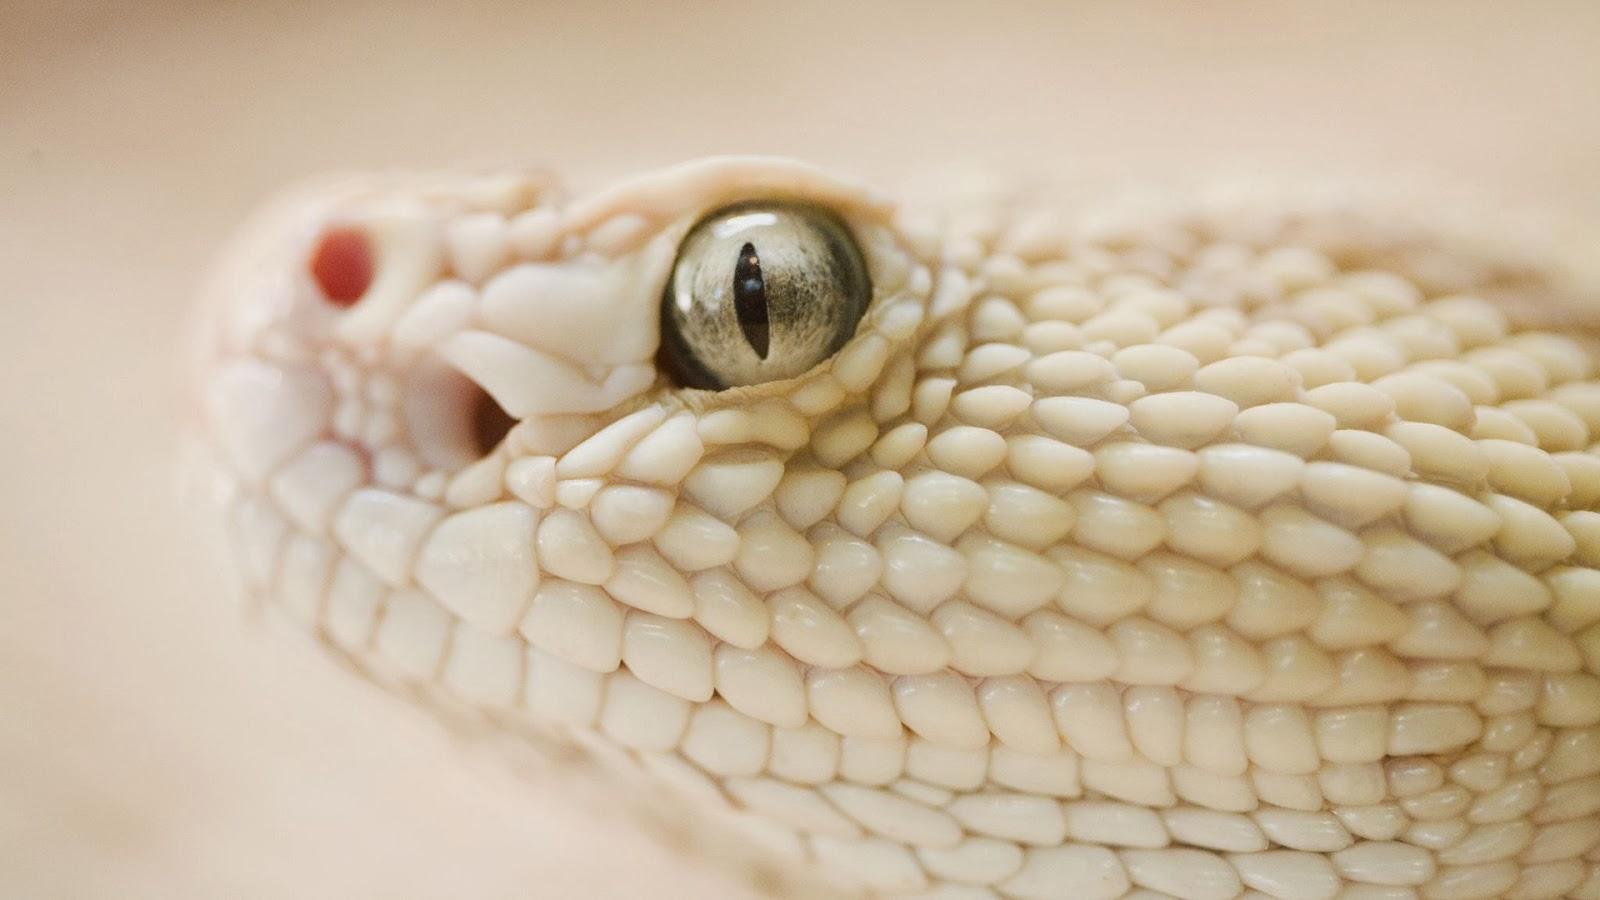 """<img src=""""http://2.bp.blogspot.com/-nqc4p3X49pk/Uukn0FfhcfI/AAAAAAAAKnw/sMl4WEtlm6Y/s1600/snake-wallpaper.jpg"""" alt=""""snake wallpaper"""" />"""